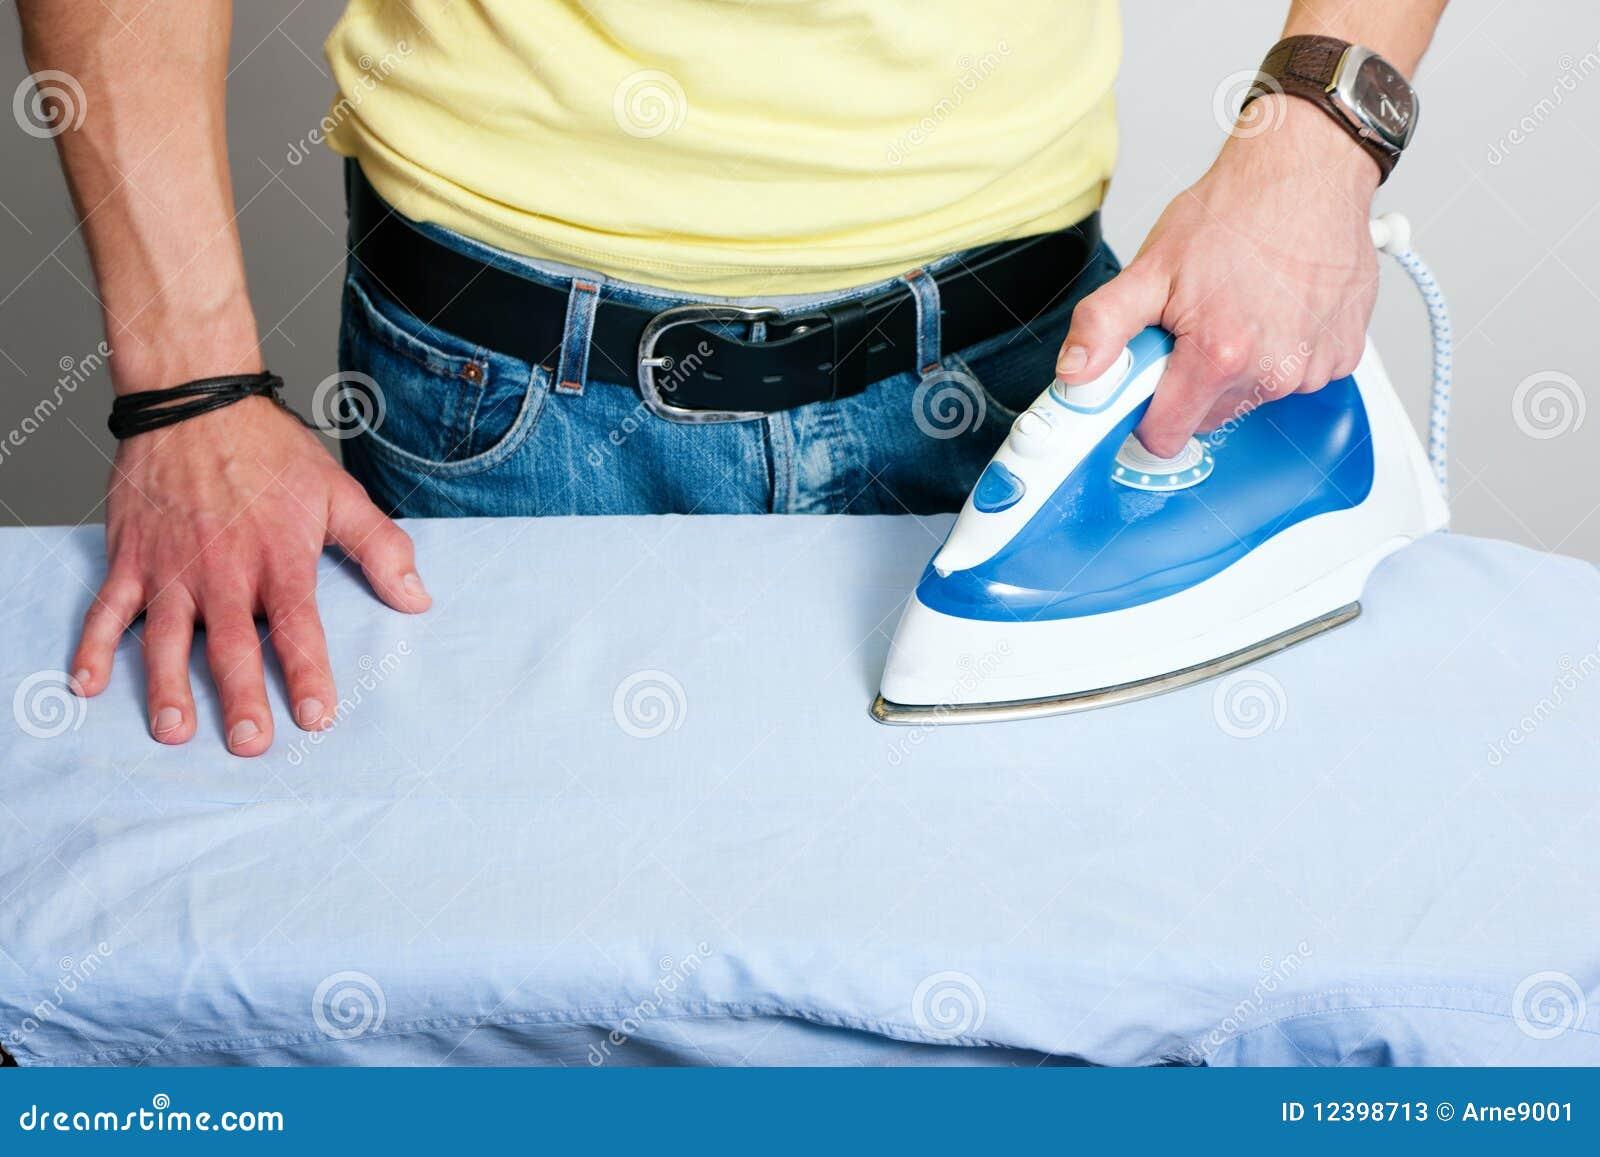 man ironing a shirt stock photos